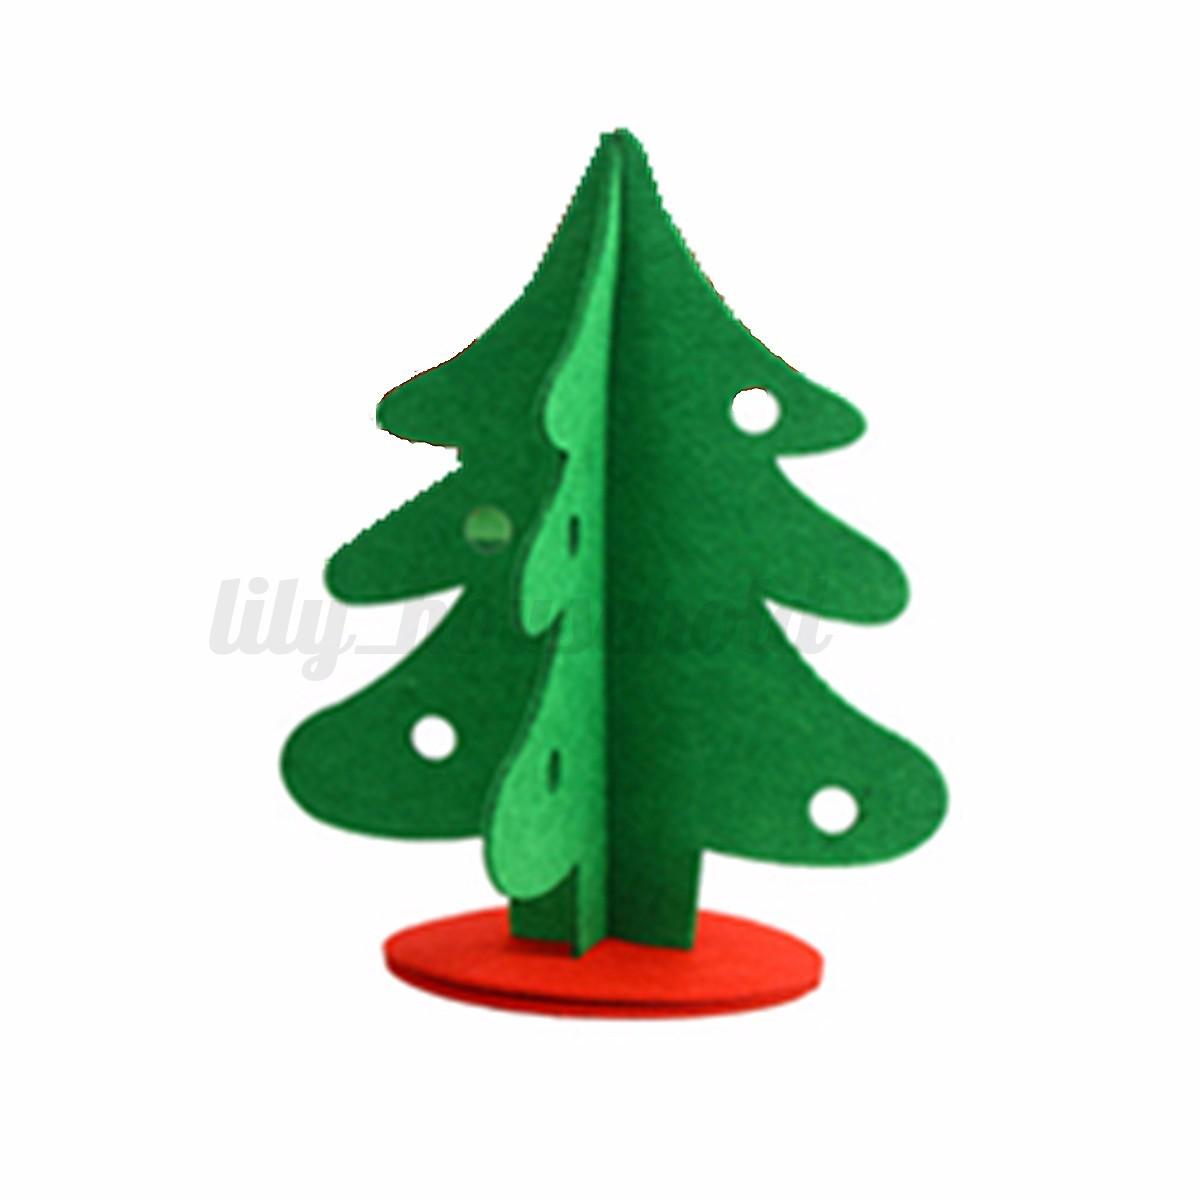 Weihnachtsbaum tannenbaum weihnacht dekoration dekobaum - Tannenbaum dekoration ...